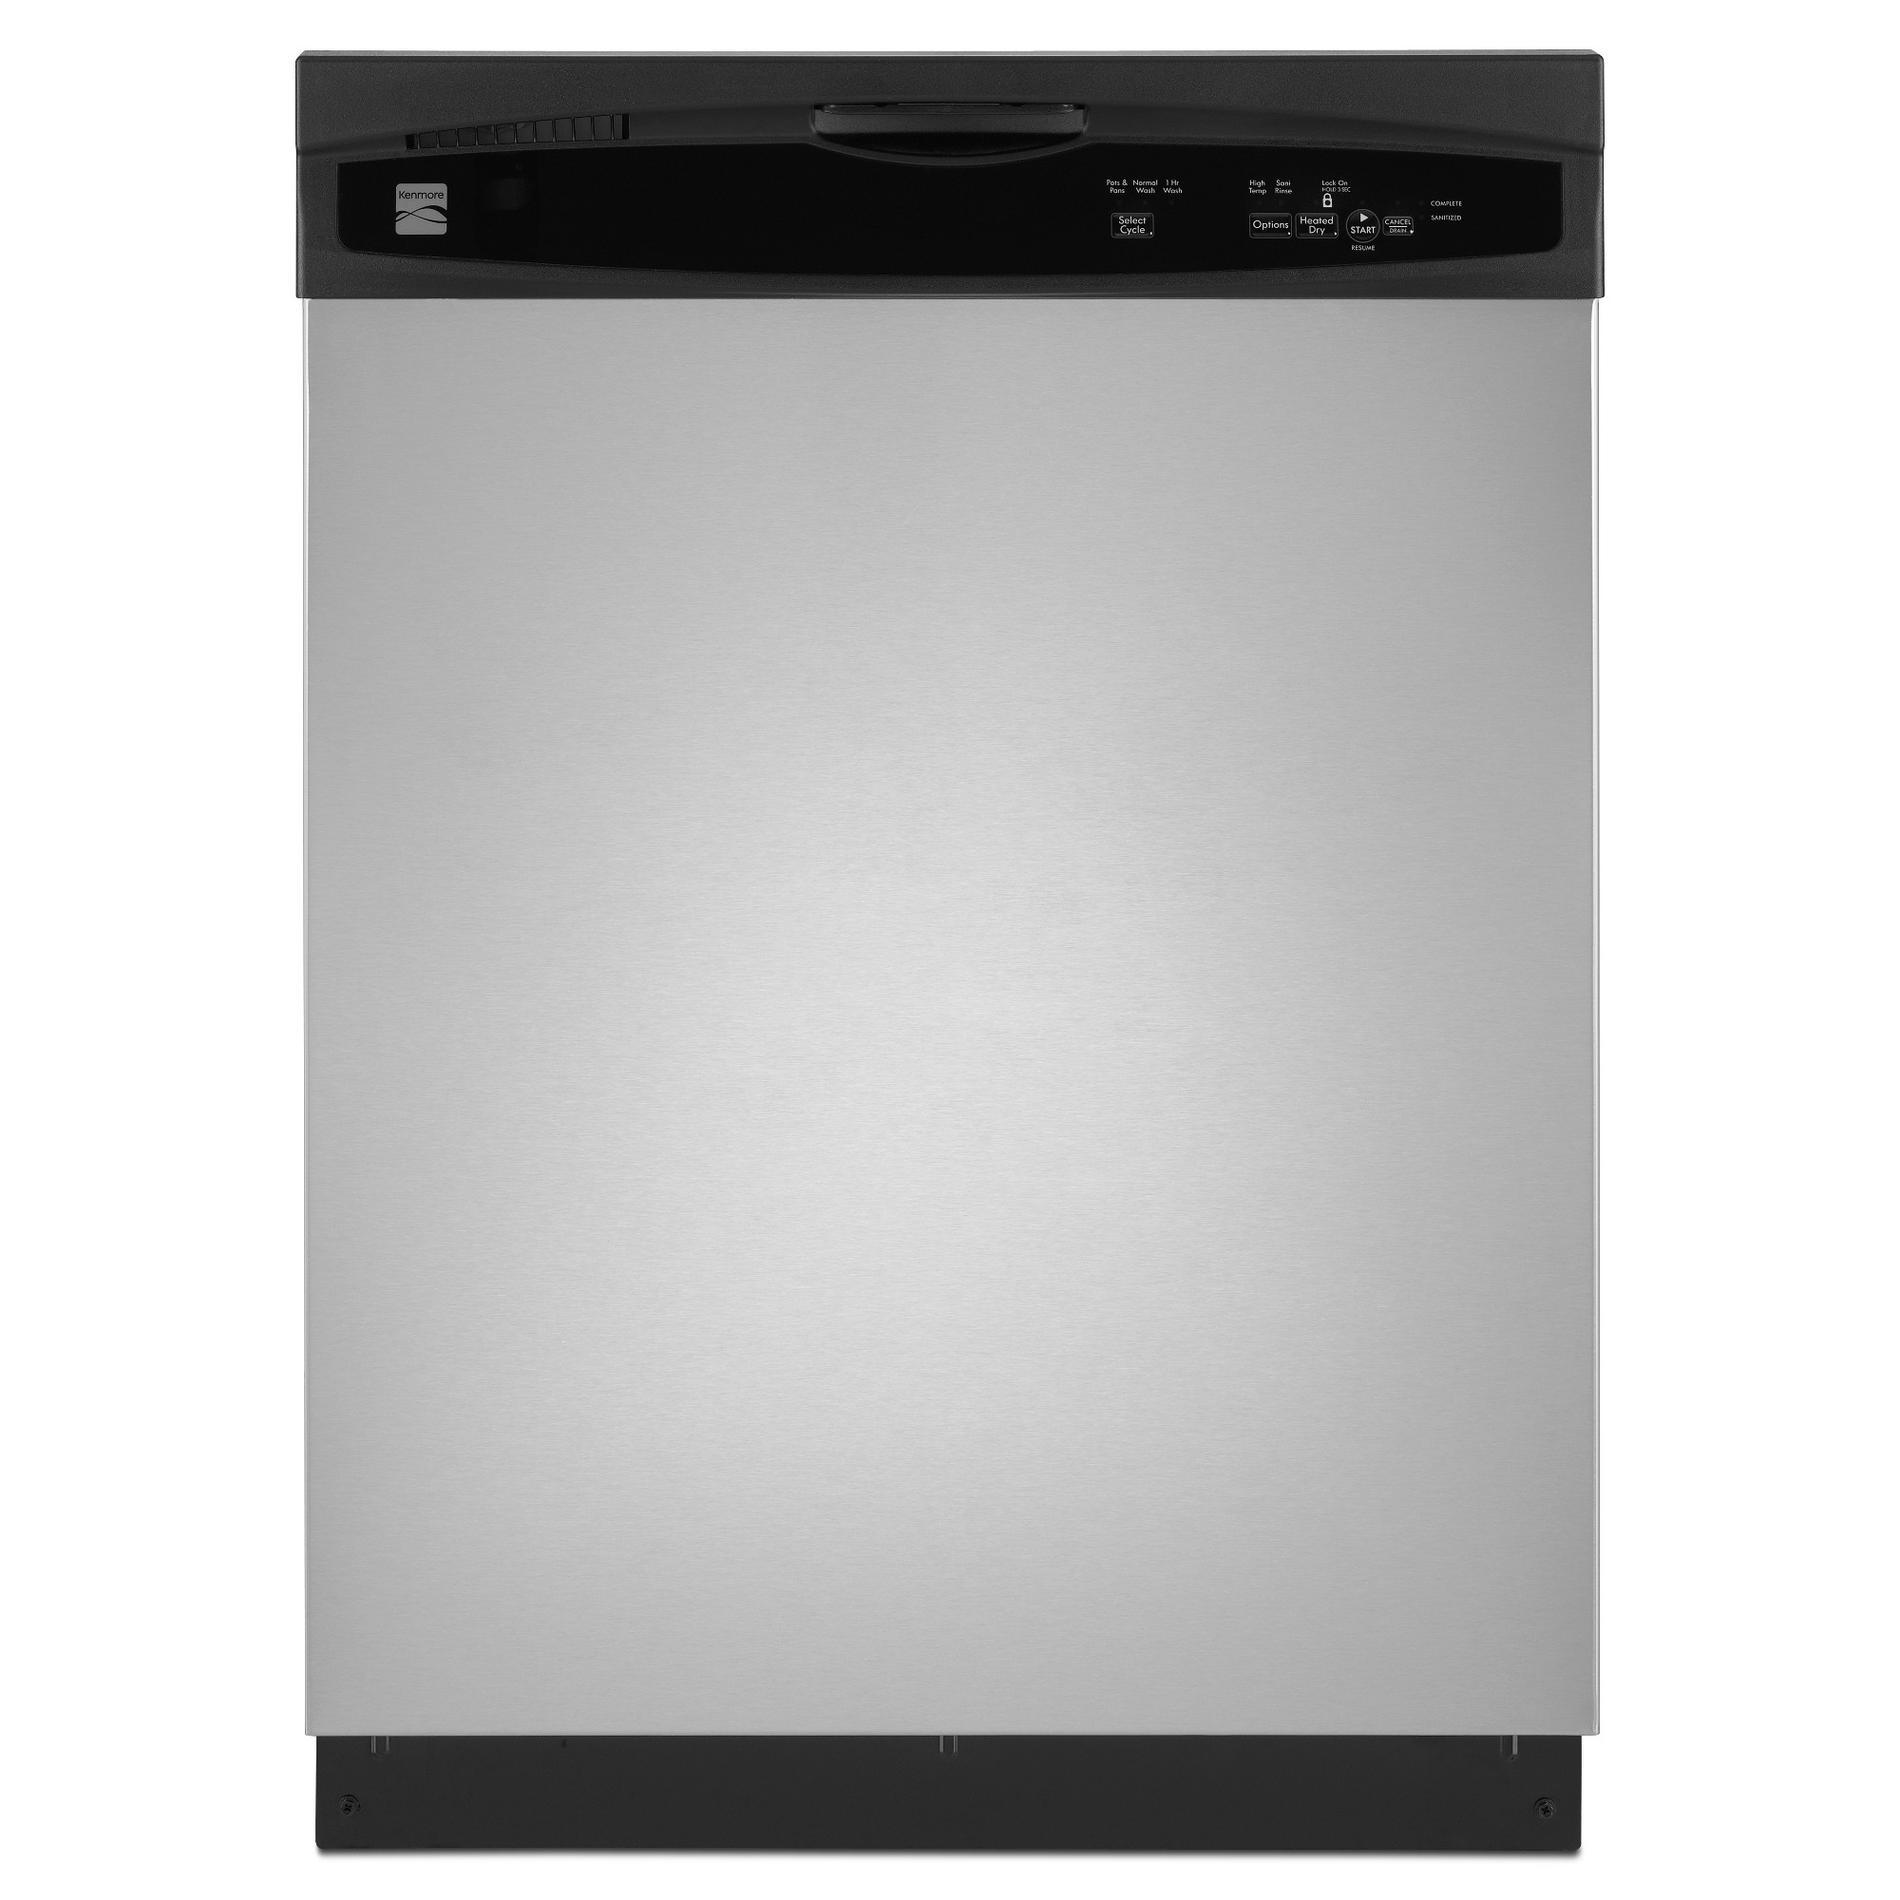 kenmore dishwasher manual model 665.151.k.212